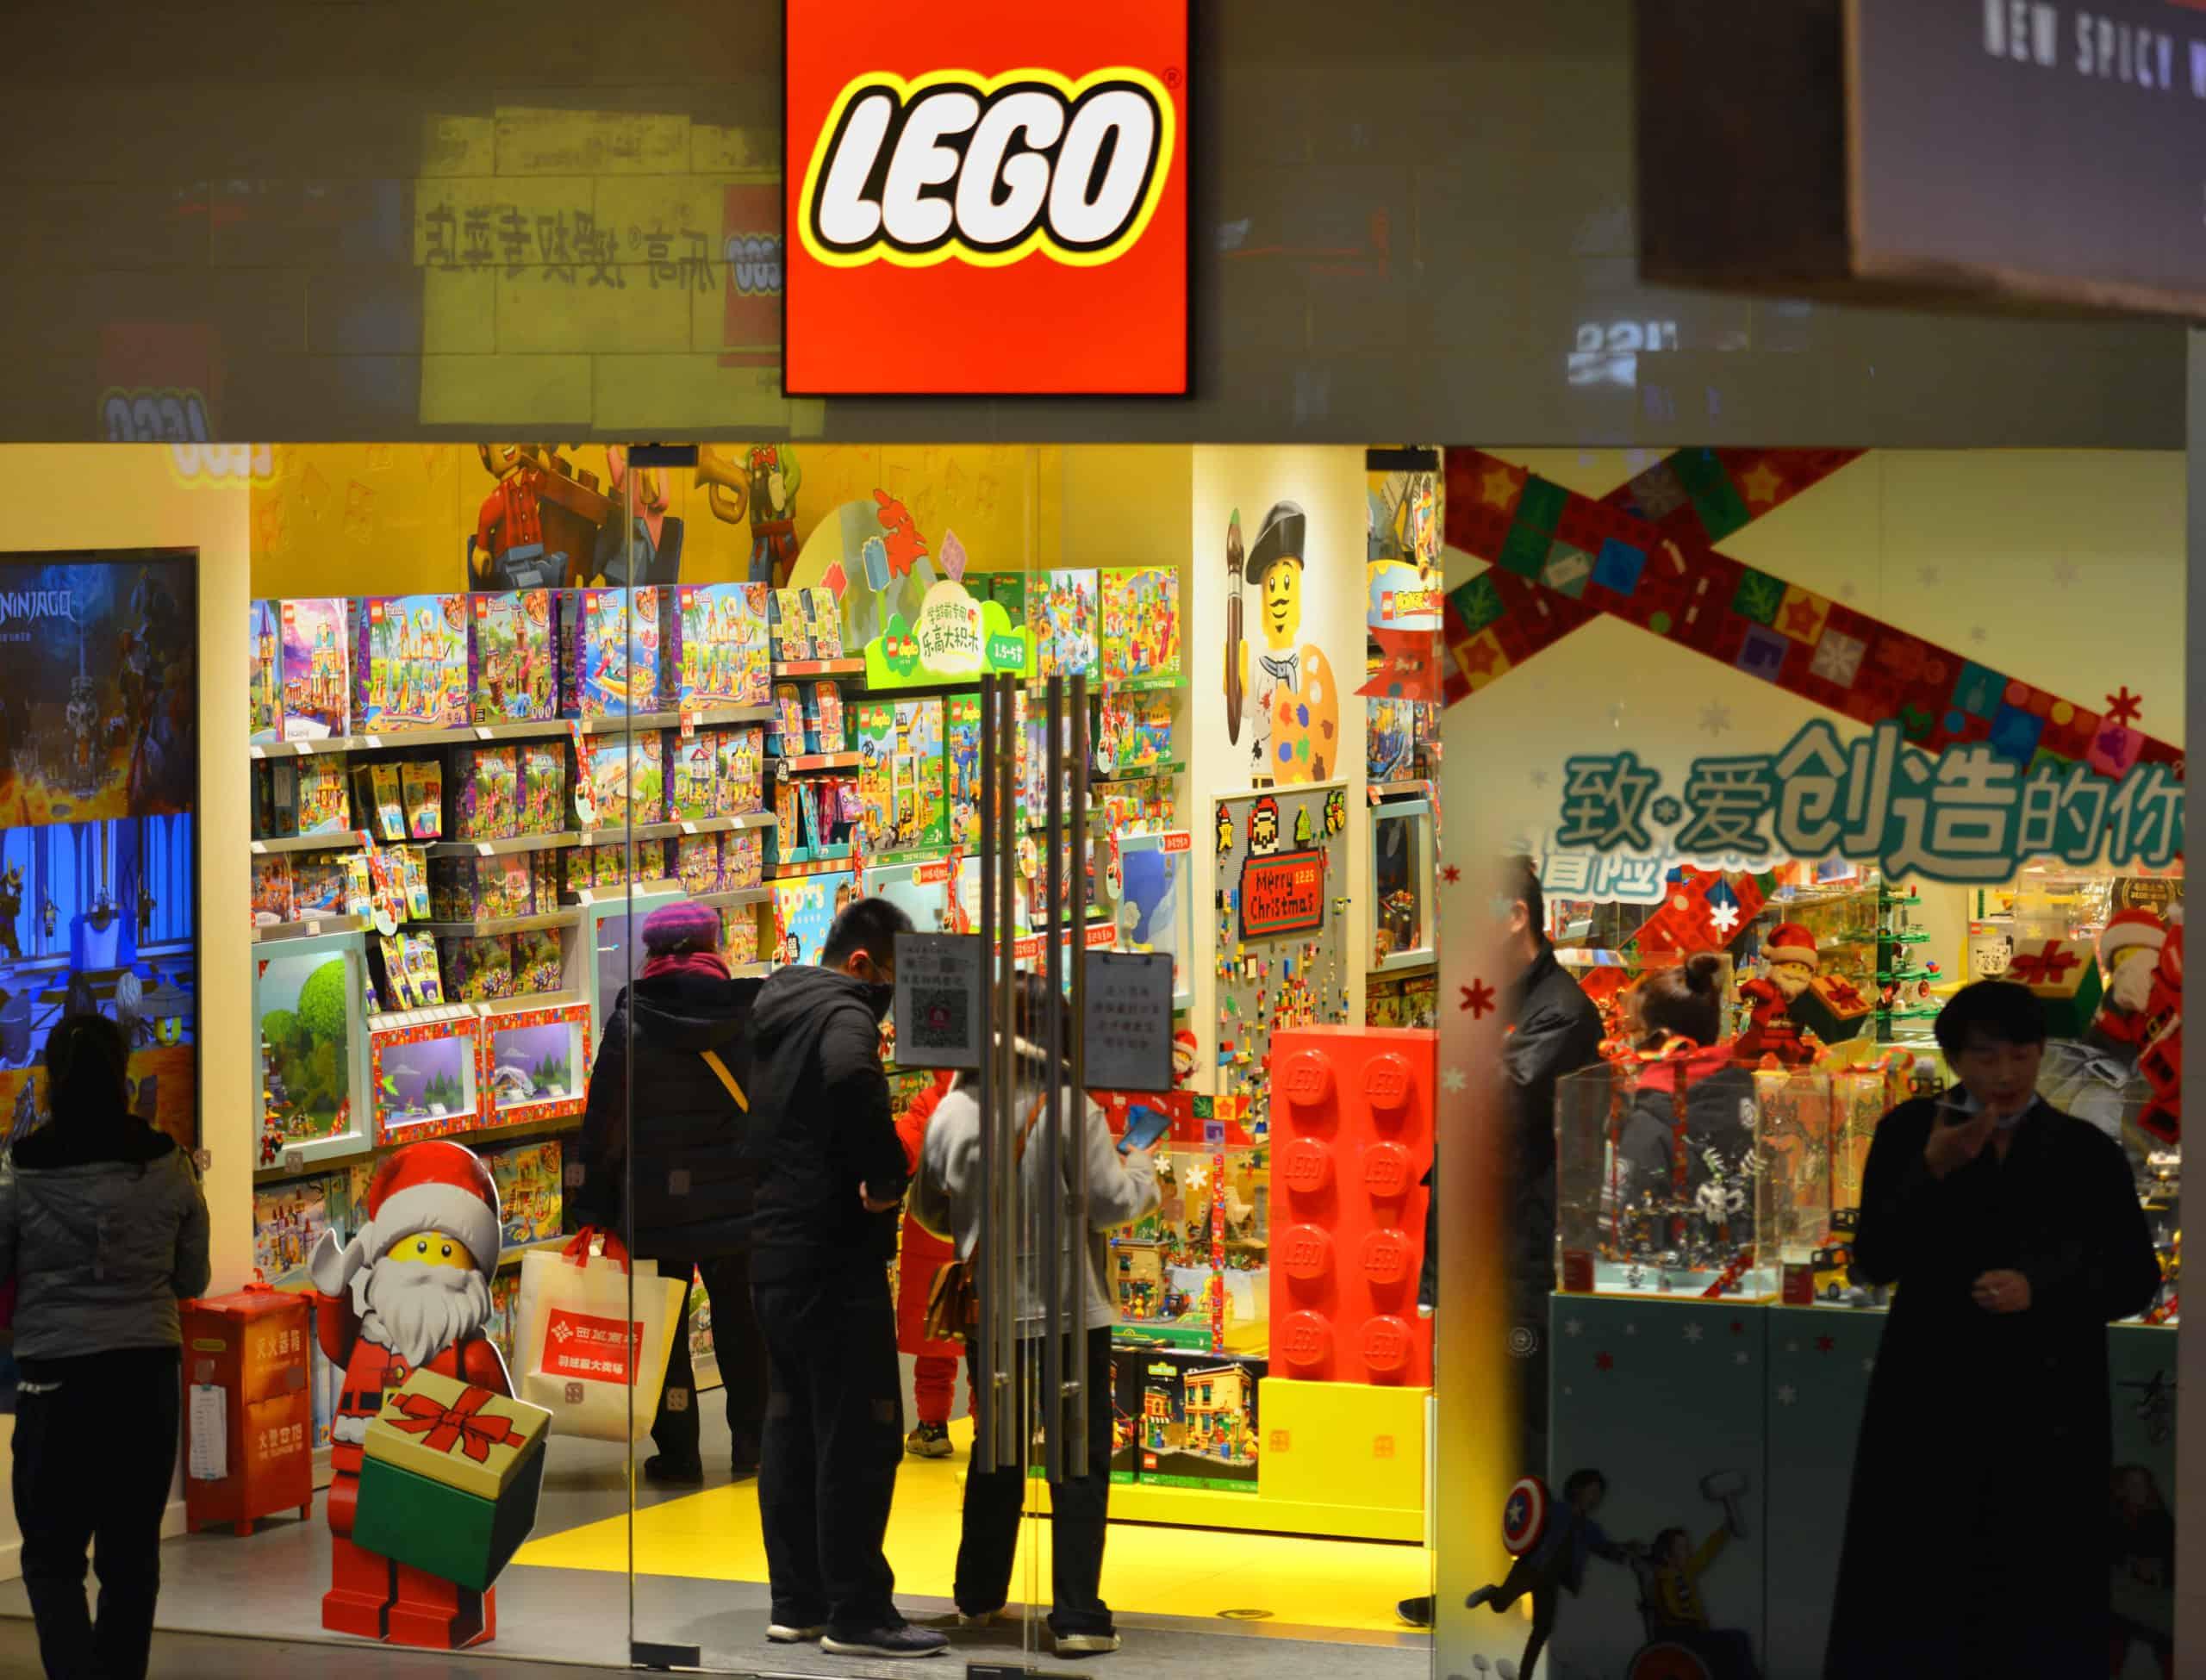 Légo s'engage à supprimer les préjugés sexistes de ses jouets